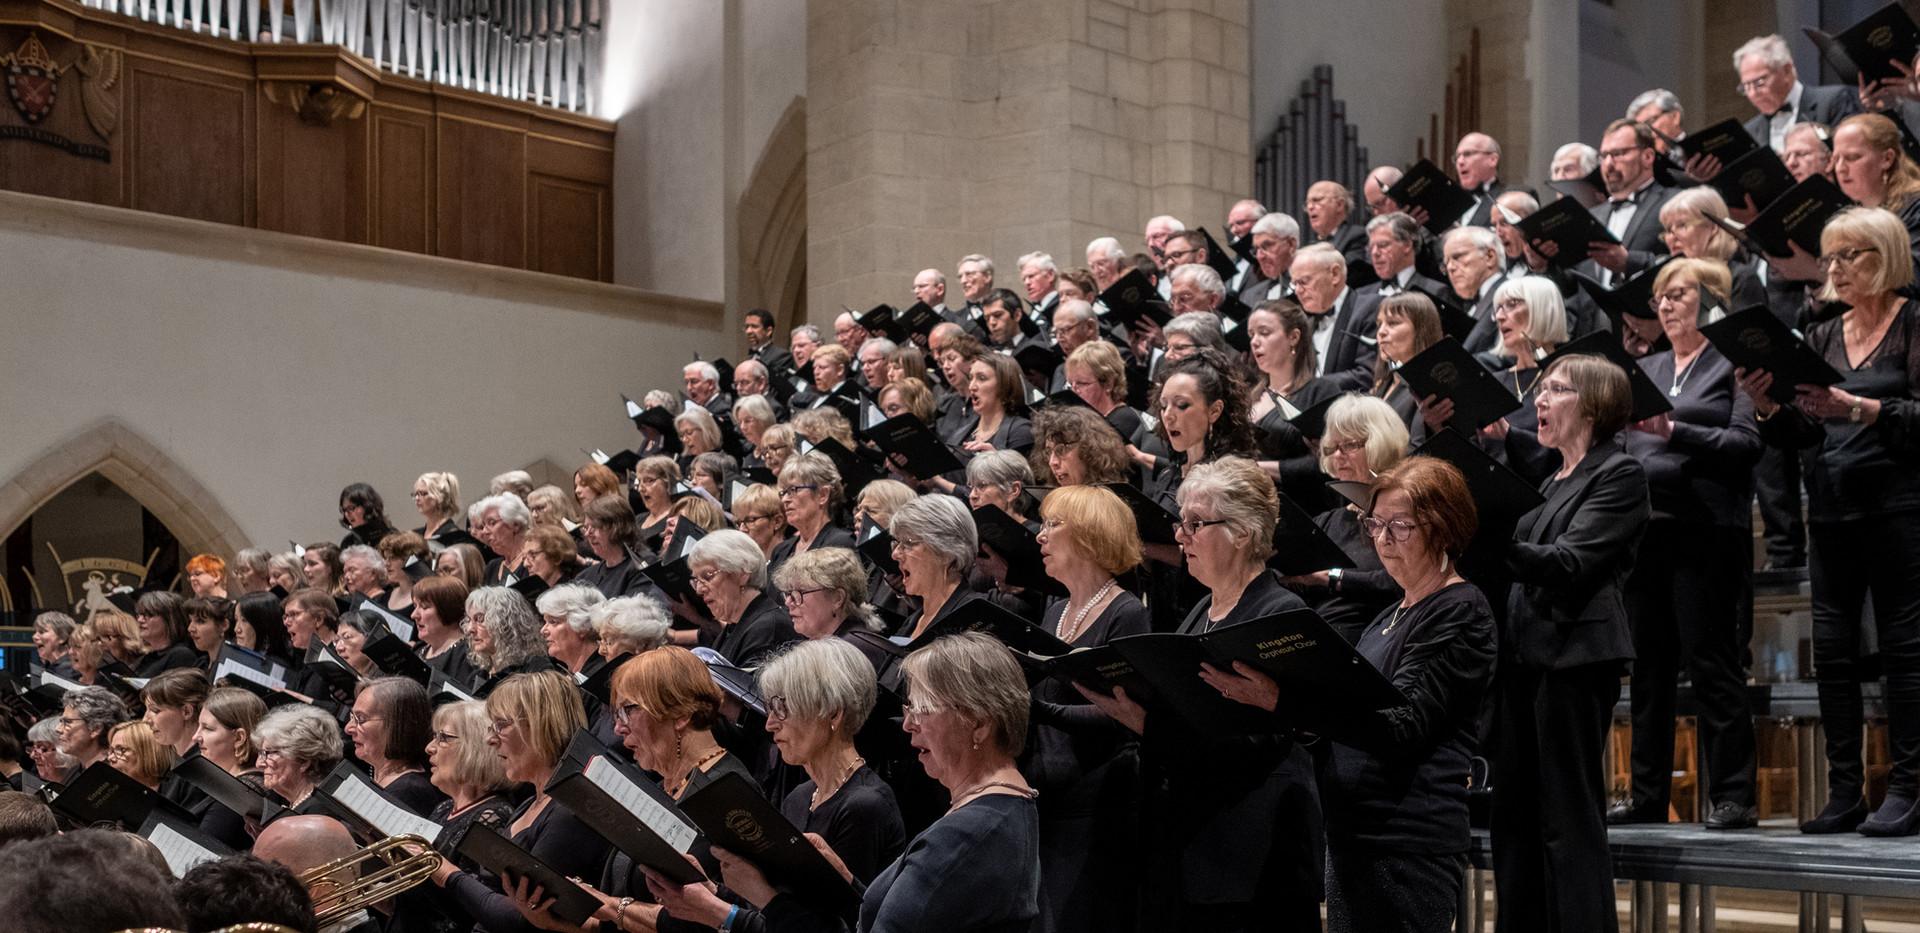 Choir_Guildford-13.jpg